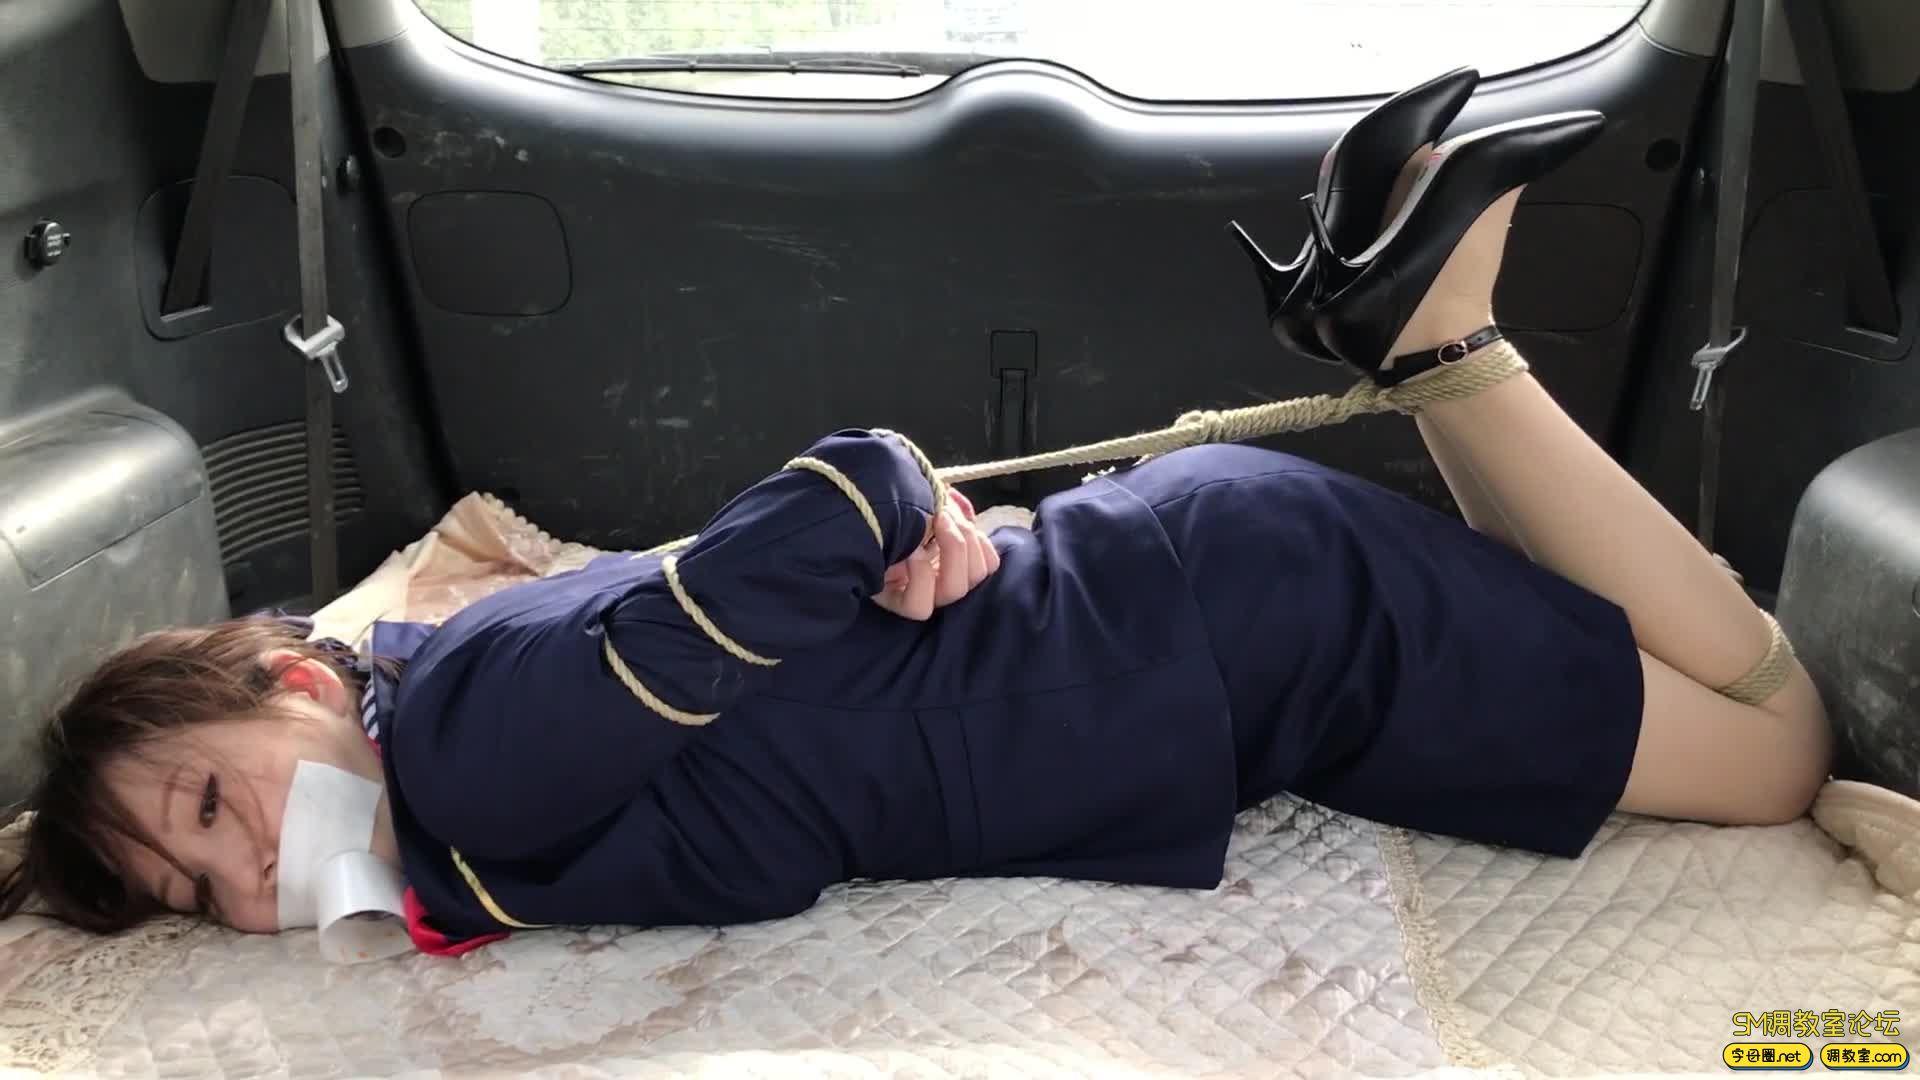 【旋律受虐记15】 空姐的磨难之街头绑架篇-视频截图5